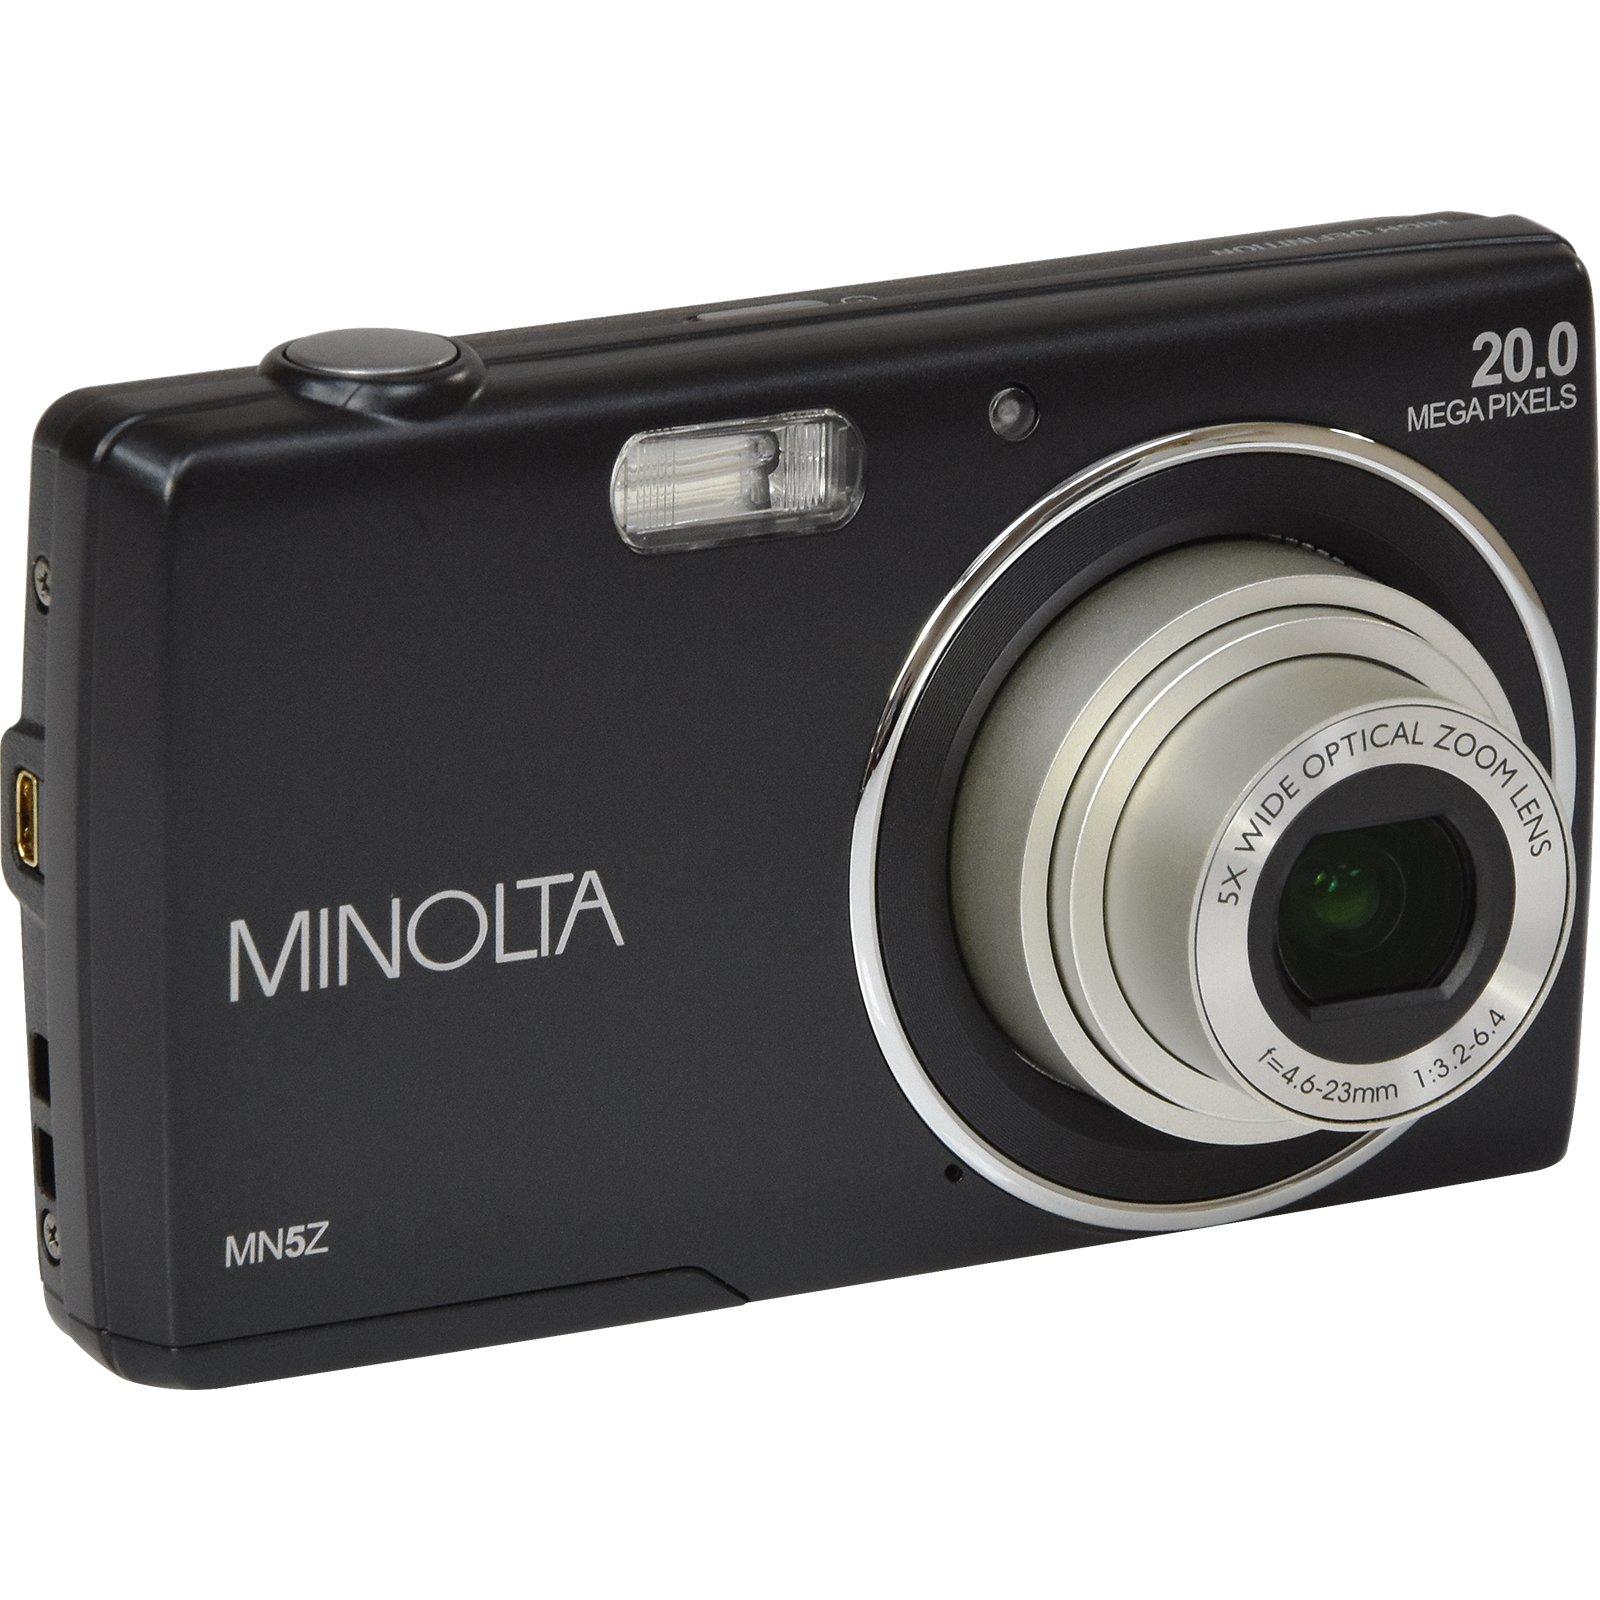 Minolta 20 Mega Pixels Digital Camera, 5x Optical Zoom & HD Video with 2.7'' LCD, Black (MN5Z-BK)